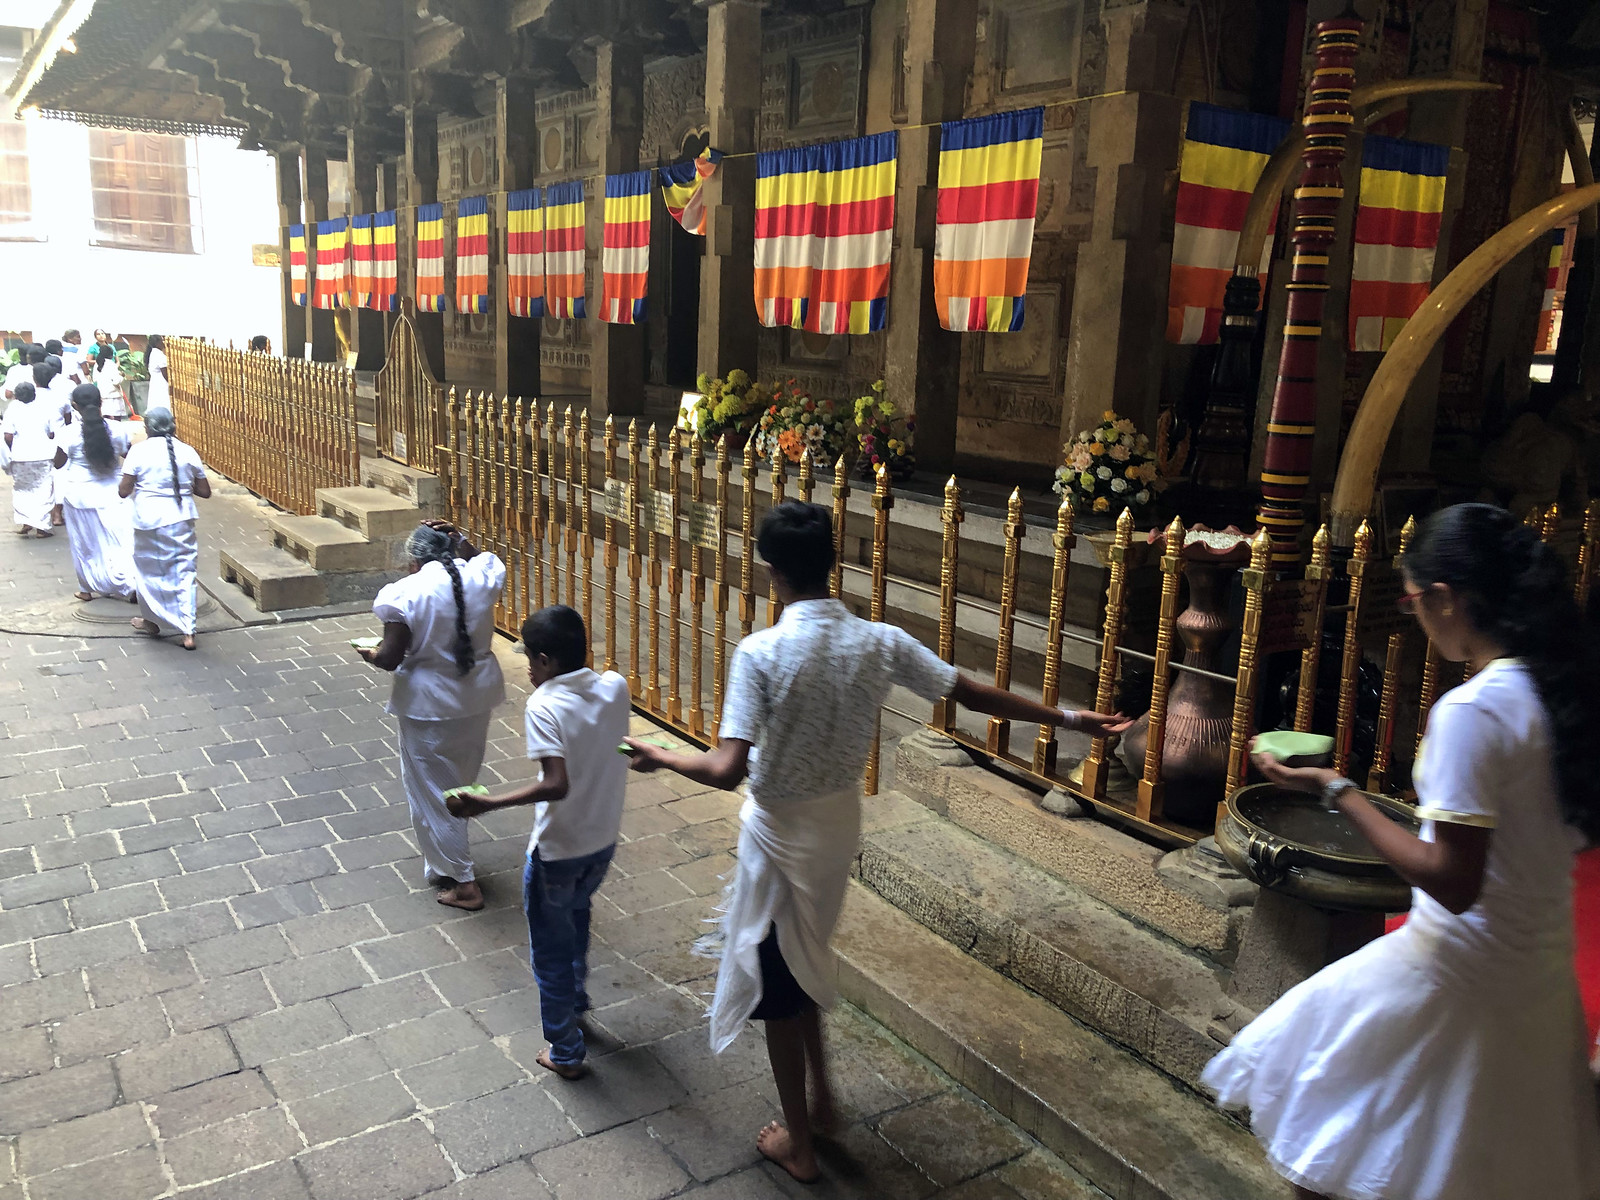 Kandy en un día, Sri Lanka kandy en un día - 46151979475 e61b325bc7 h - Kandy en un día, Sri Lanka